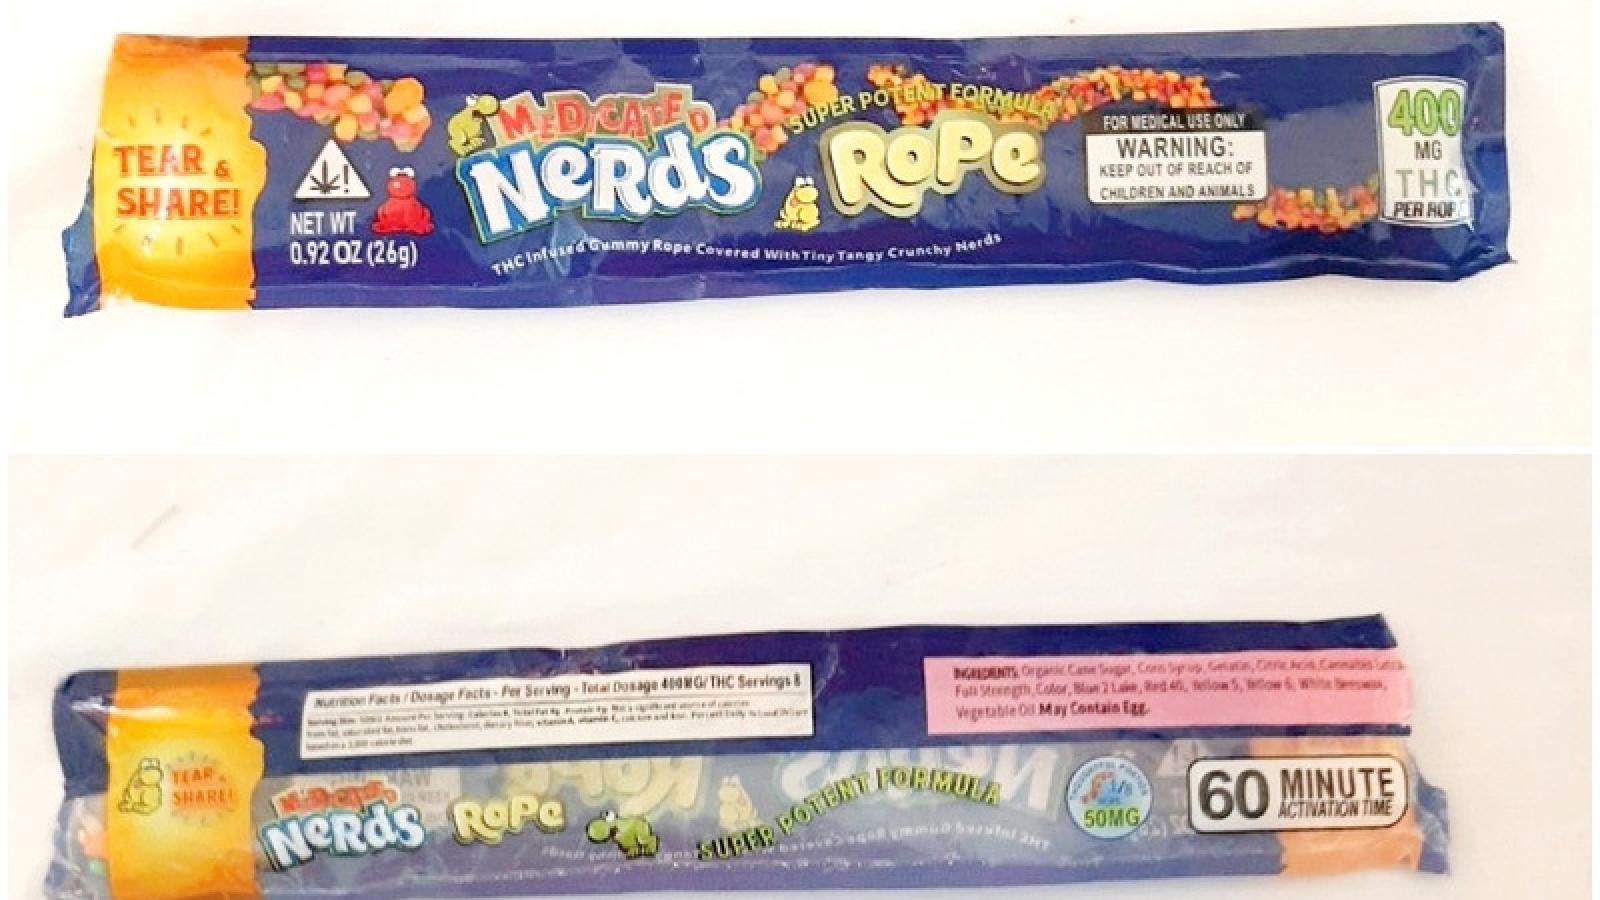 Một số học sinh dương tính với ma túy khi ăn kẹo không rõ nguồn gốc